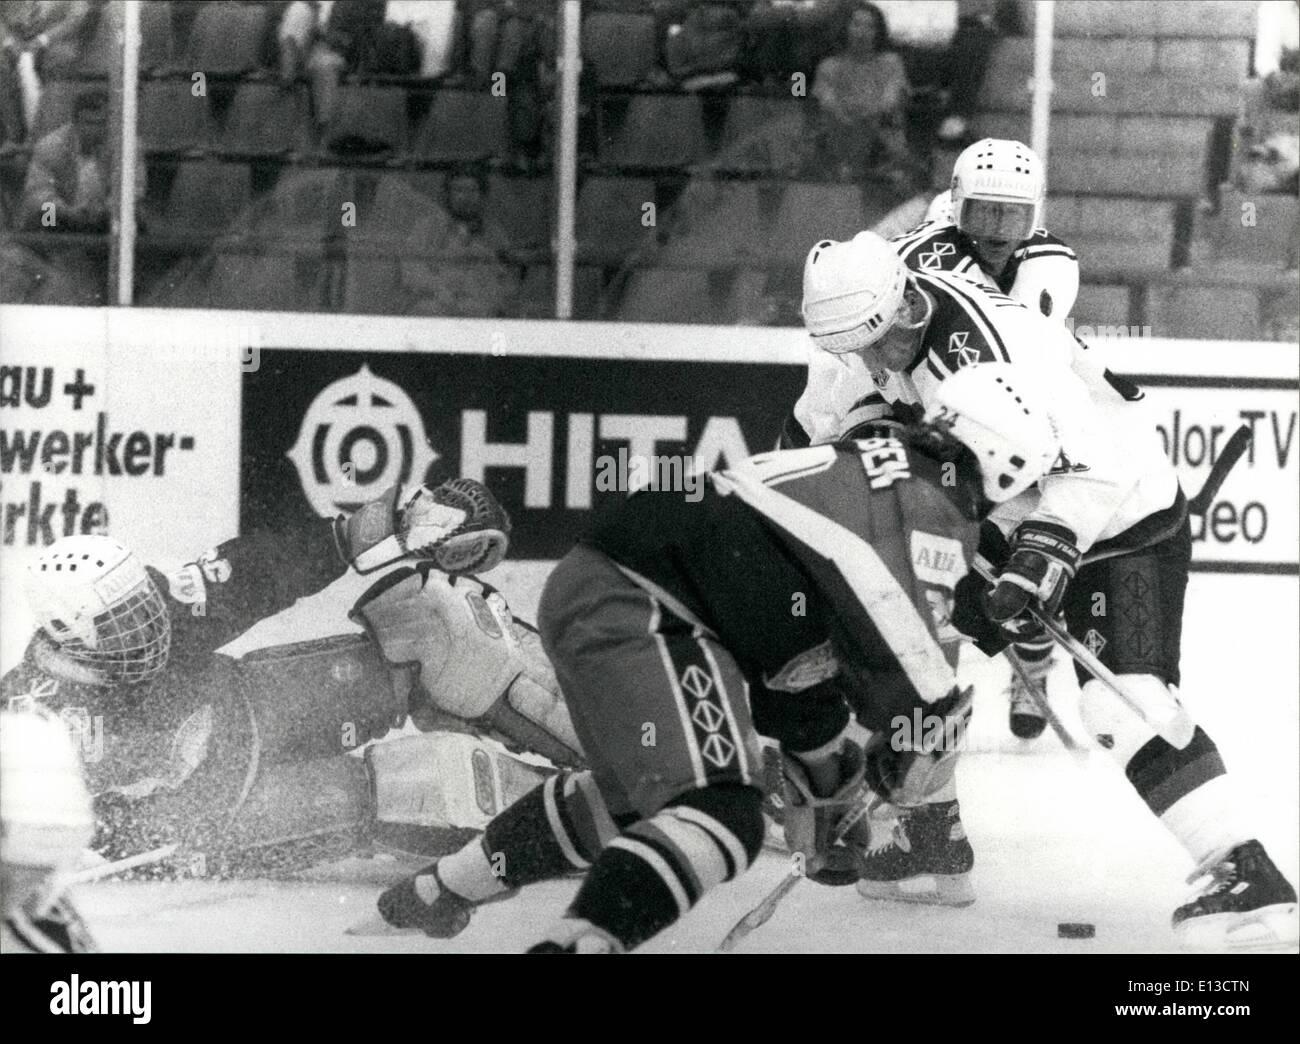 Mar 02, 2012 - Campionati Mondiali di hockey su ghiaccio in Svizzera: l'hockey su ghiaccio campionati ha avuto luogo a Berna/Svizzera da Immagini Stock